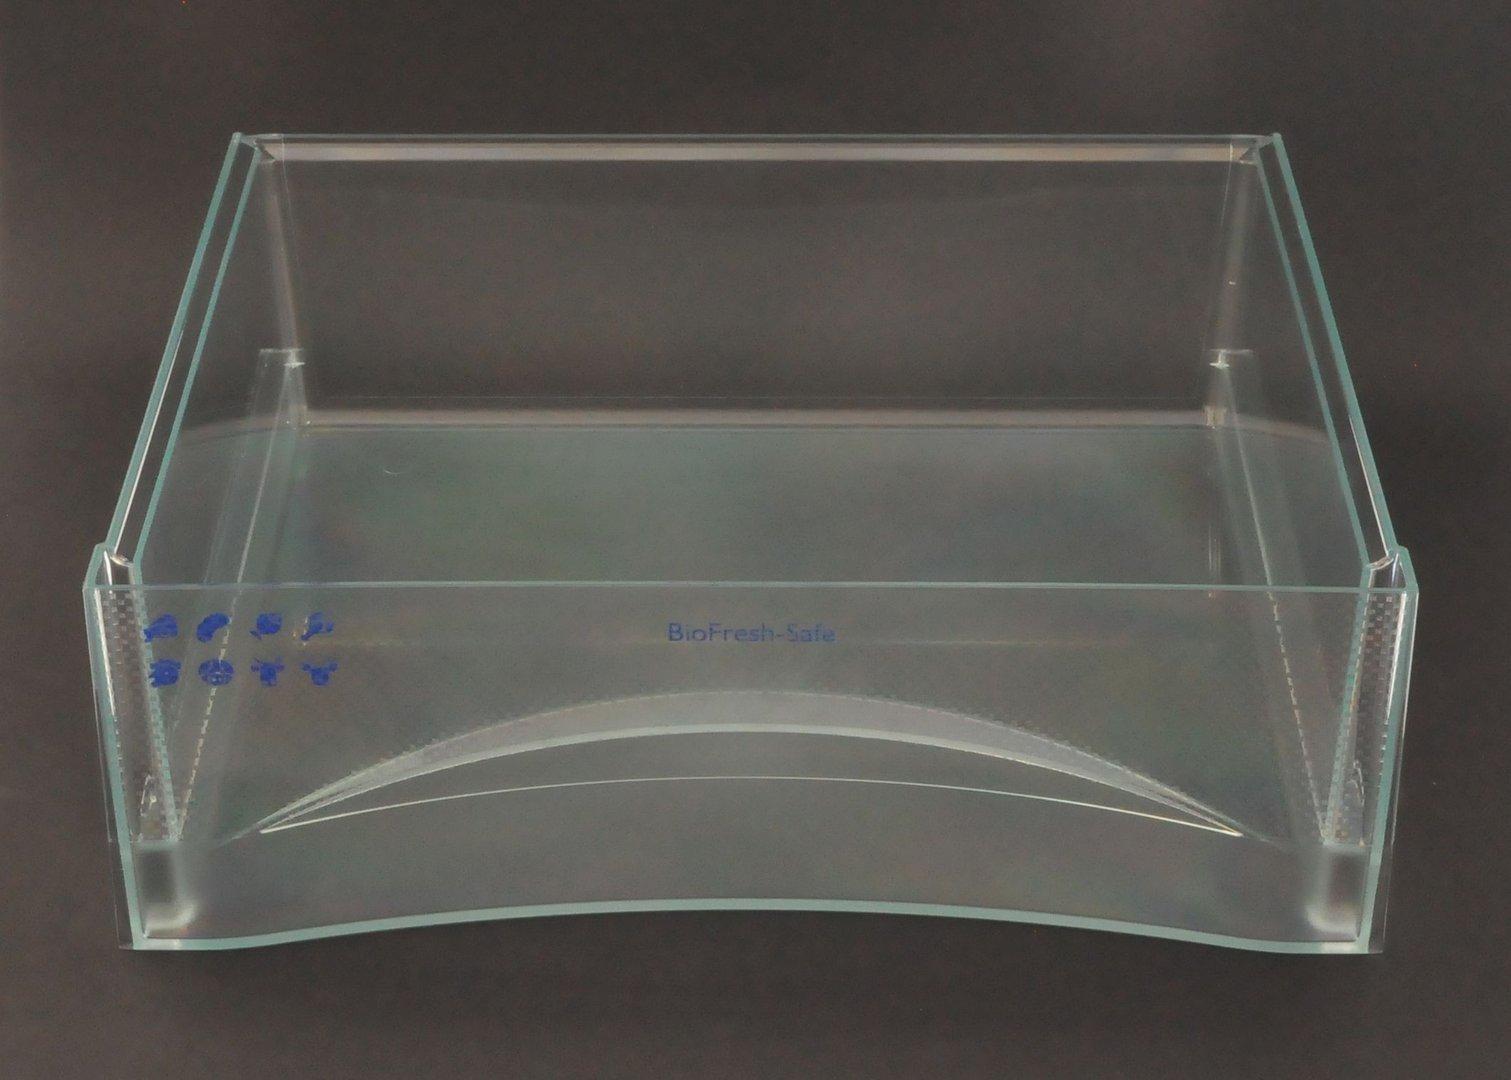 Bosch Kühlschrank Wasser Unter Gemüsefach : Liebherr biofresh safe schublade gemüseschale kühlschrank